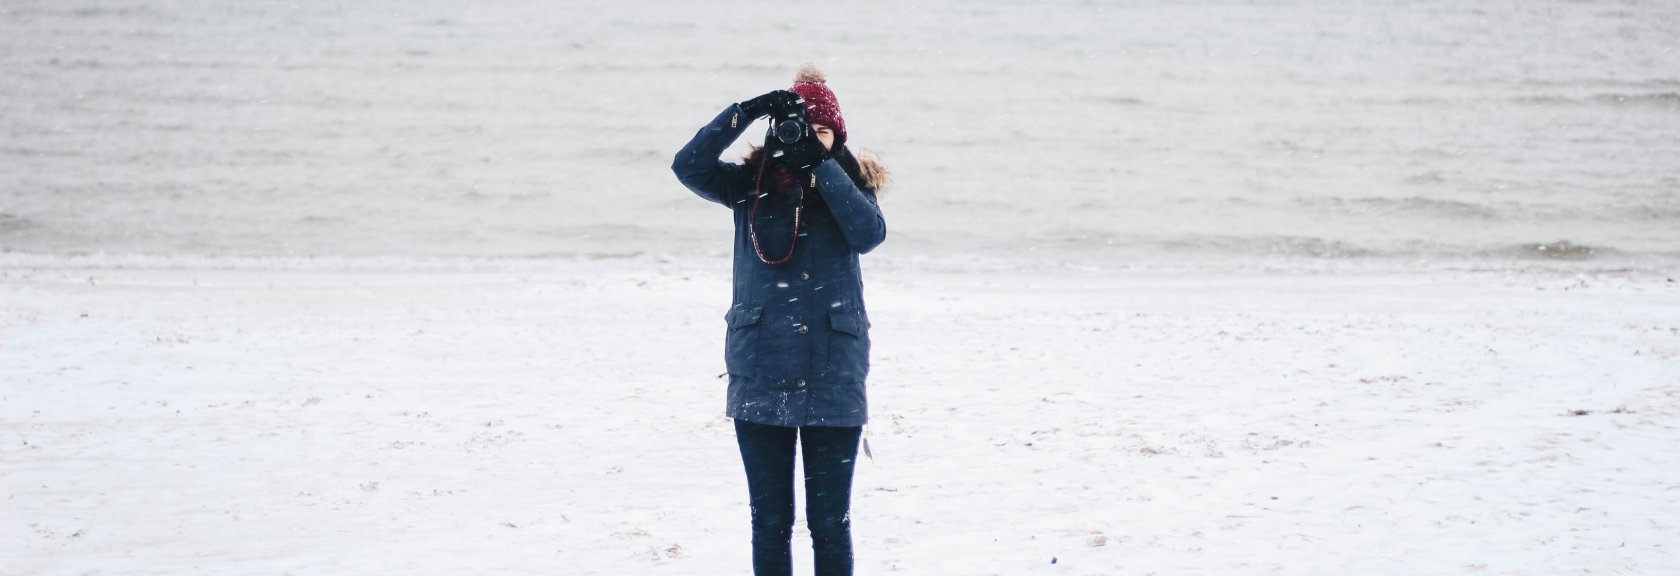 Nad morze zimą? No pewnie!